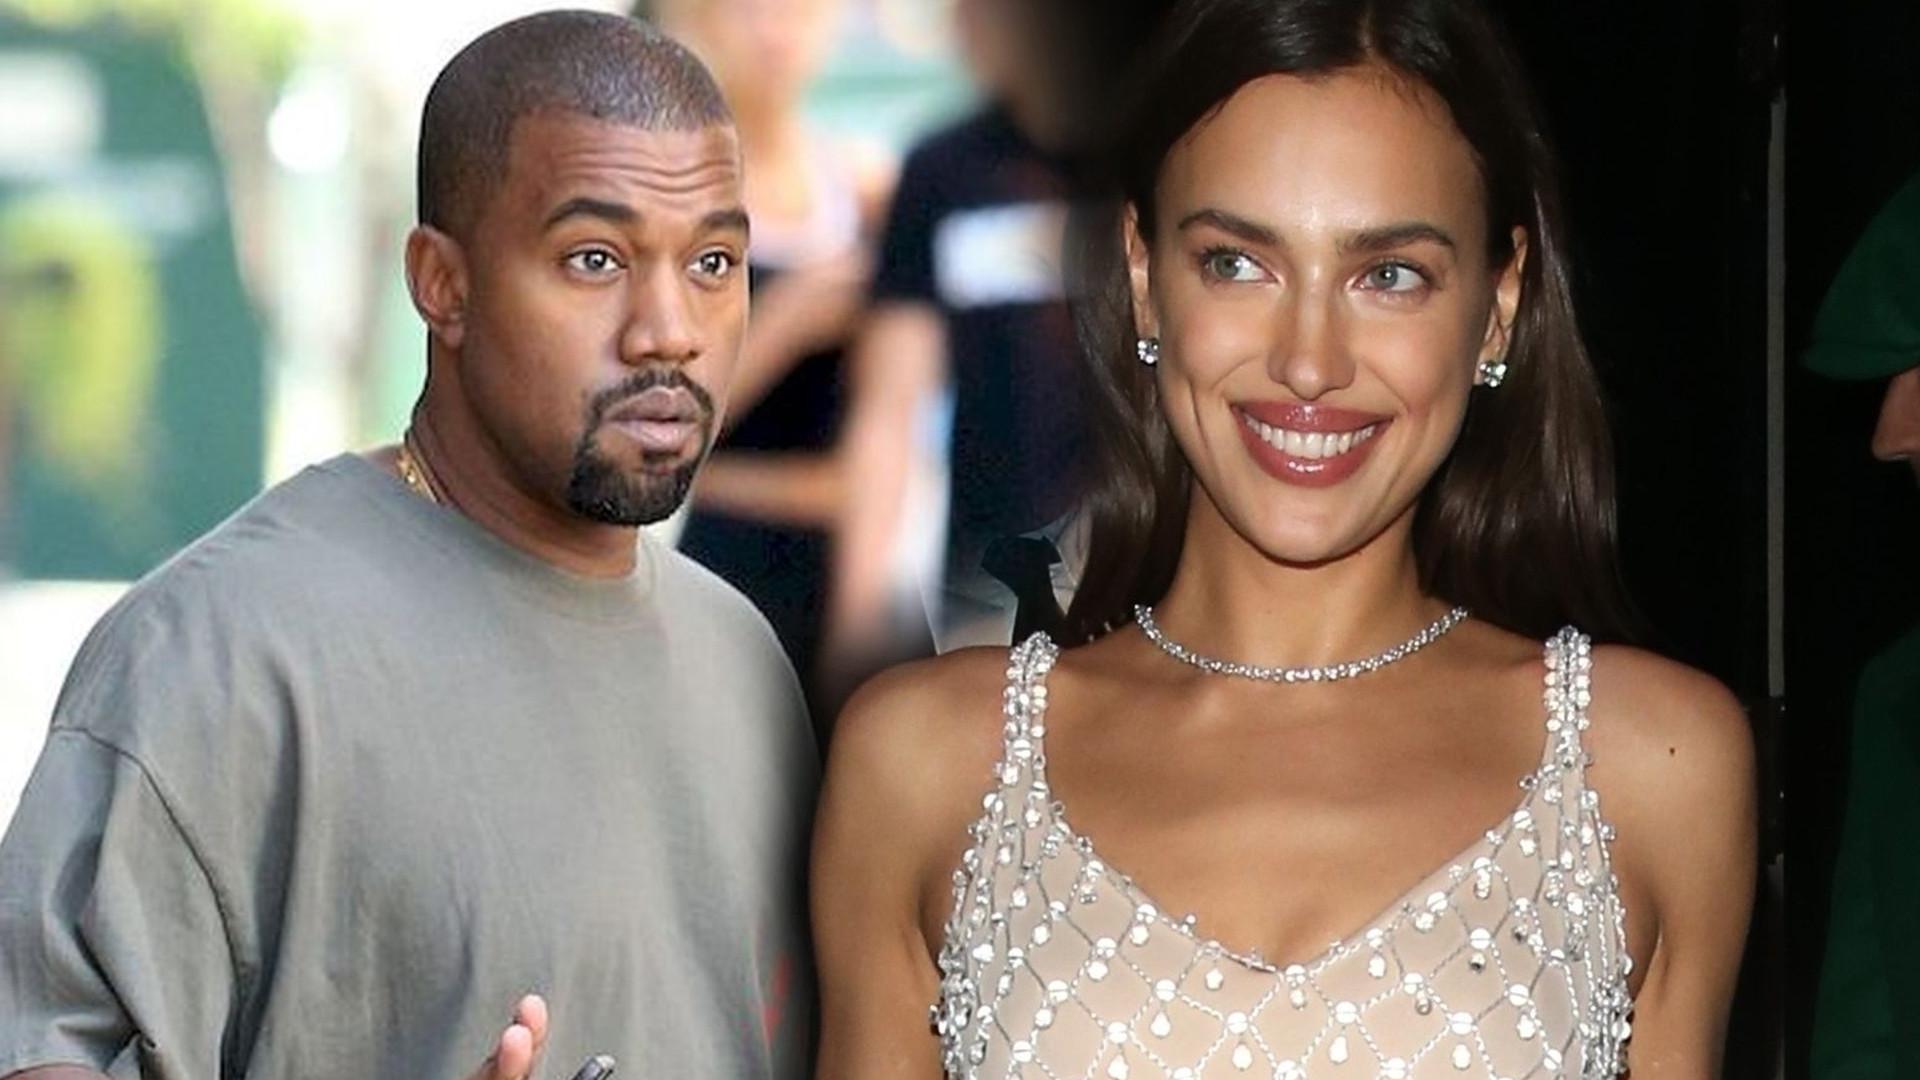 Są nowe doniesienia na temat związku Kanye i Iriny Shayk